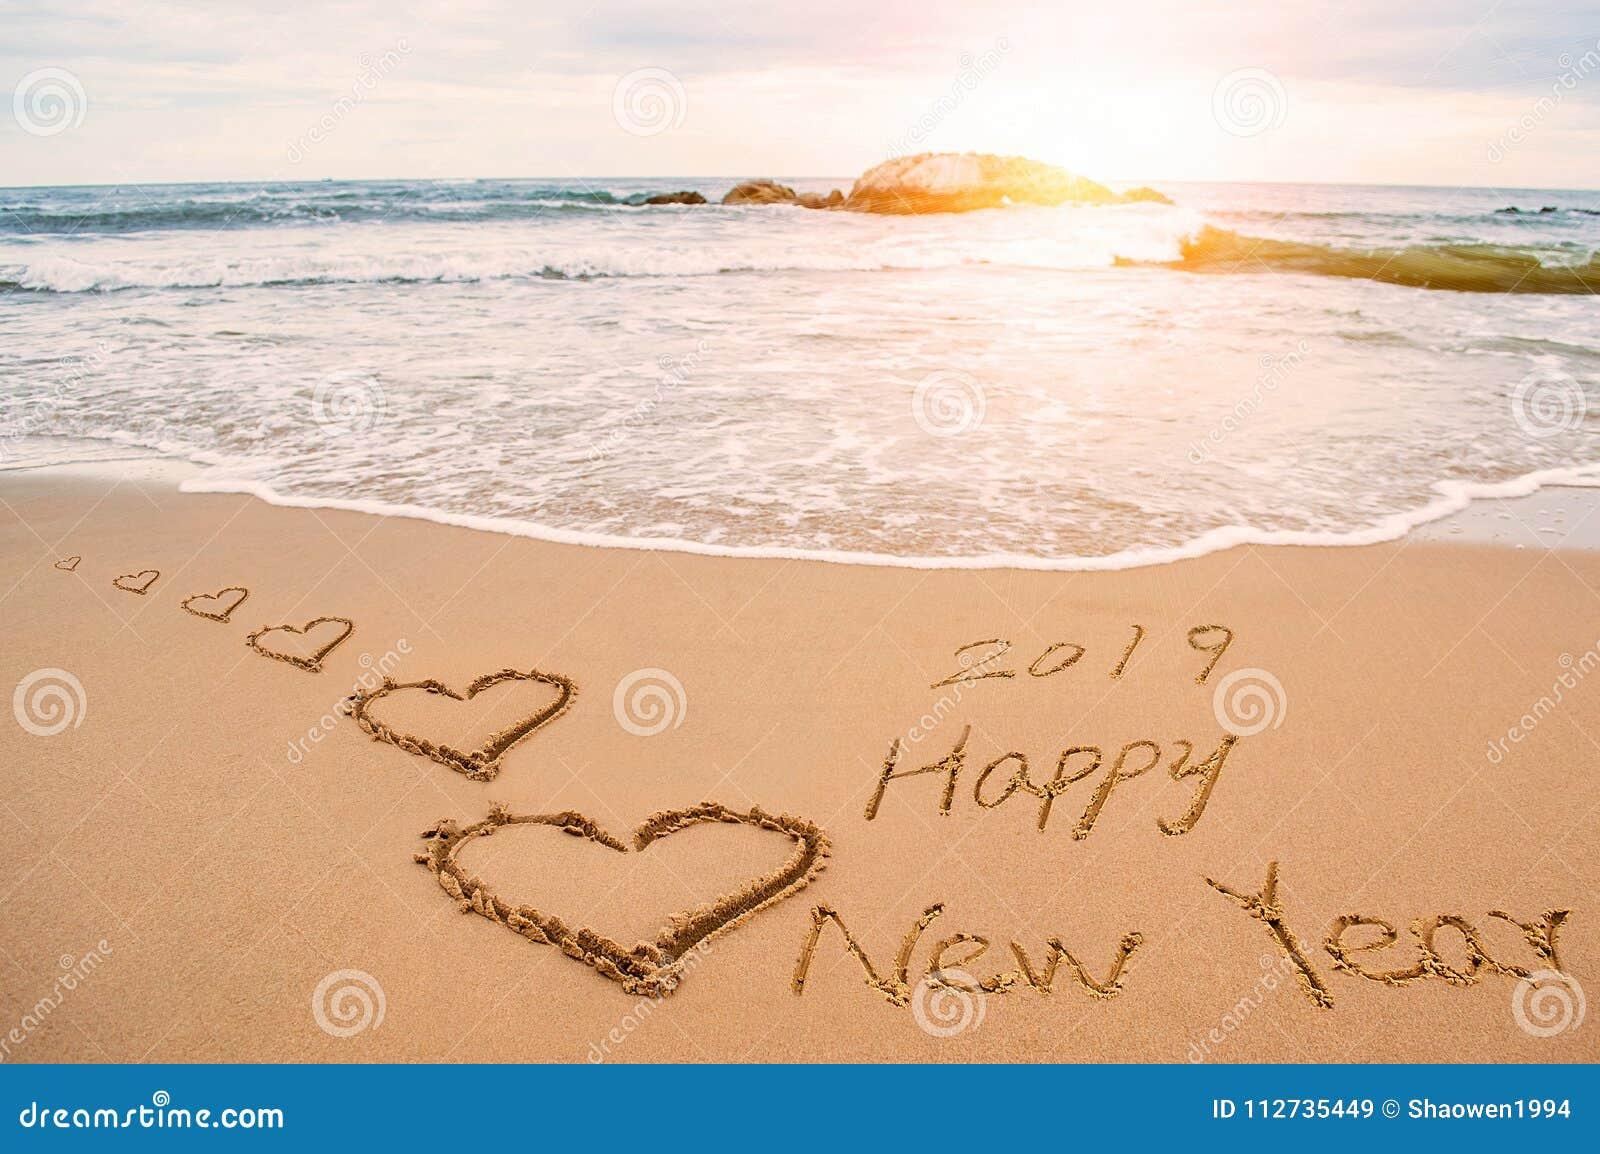 Pisze szczęśliwego nowego roku 2019 na plaży